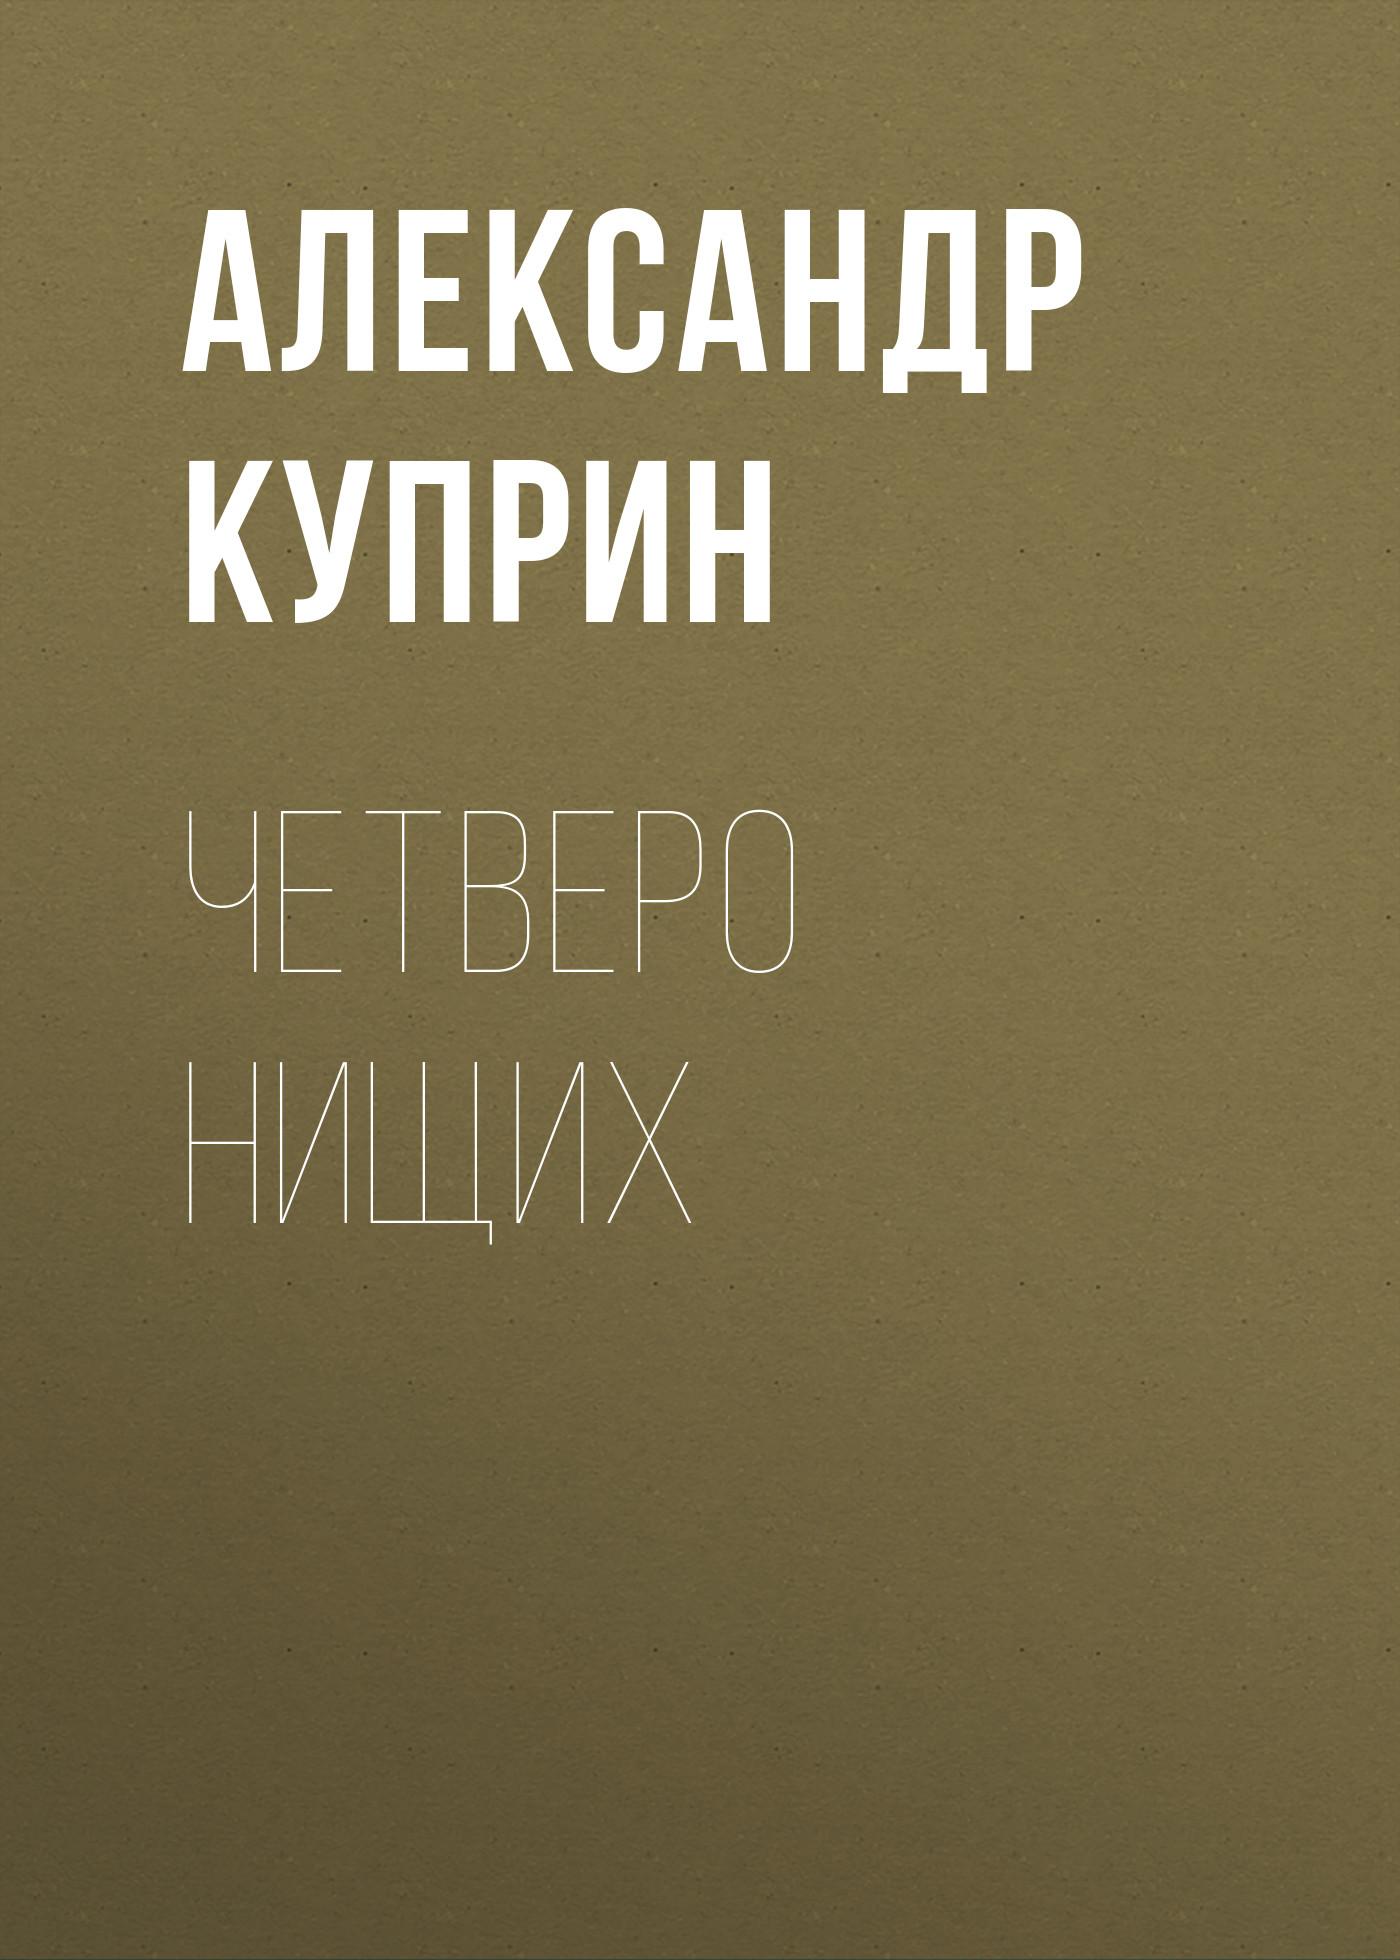 Купить книгу Четверо нищих, автора А. И. Куприна